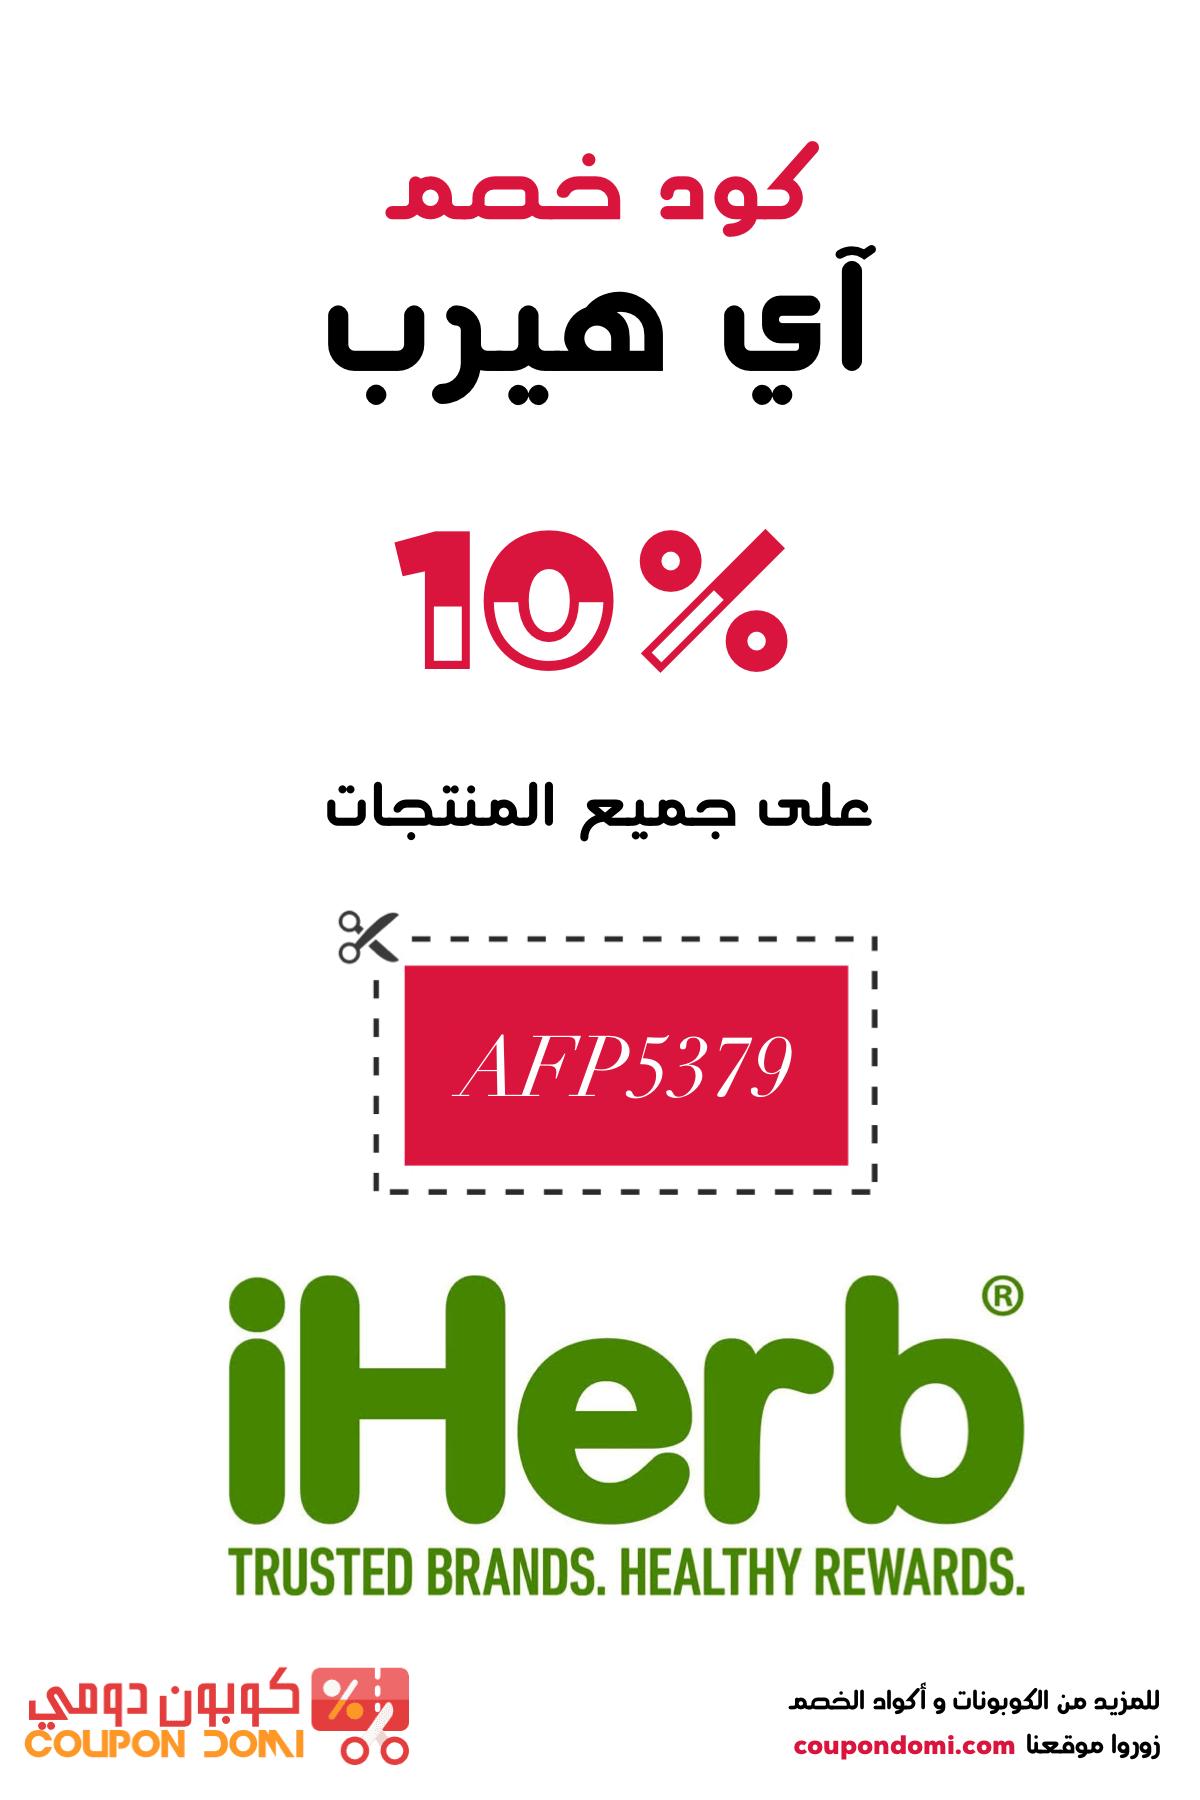 كود خصم اي هيرب 10 على جميع المشتريات من Iherb Trusted Brands Iherb 10 Things